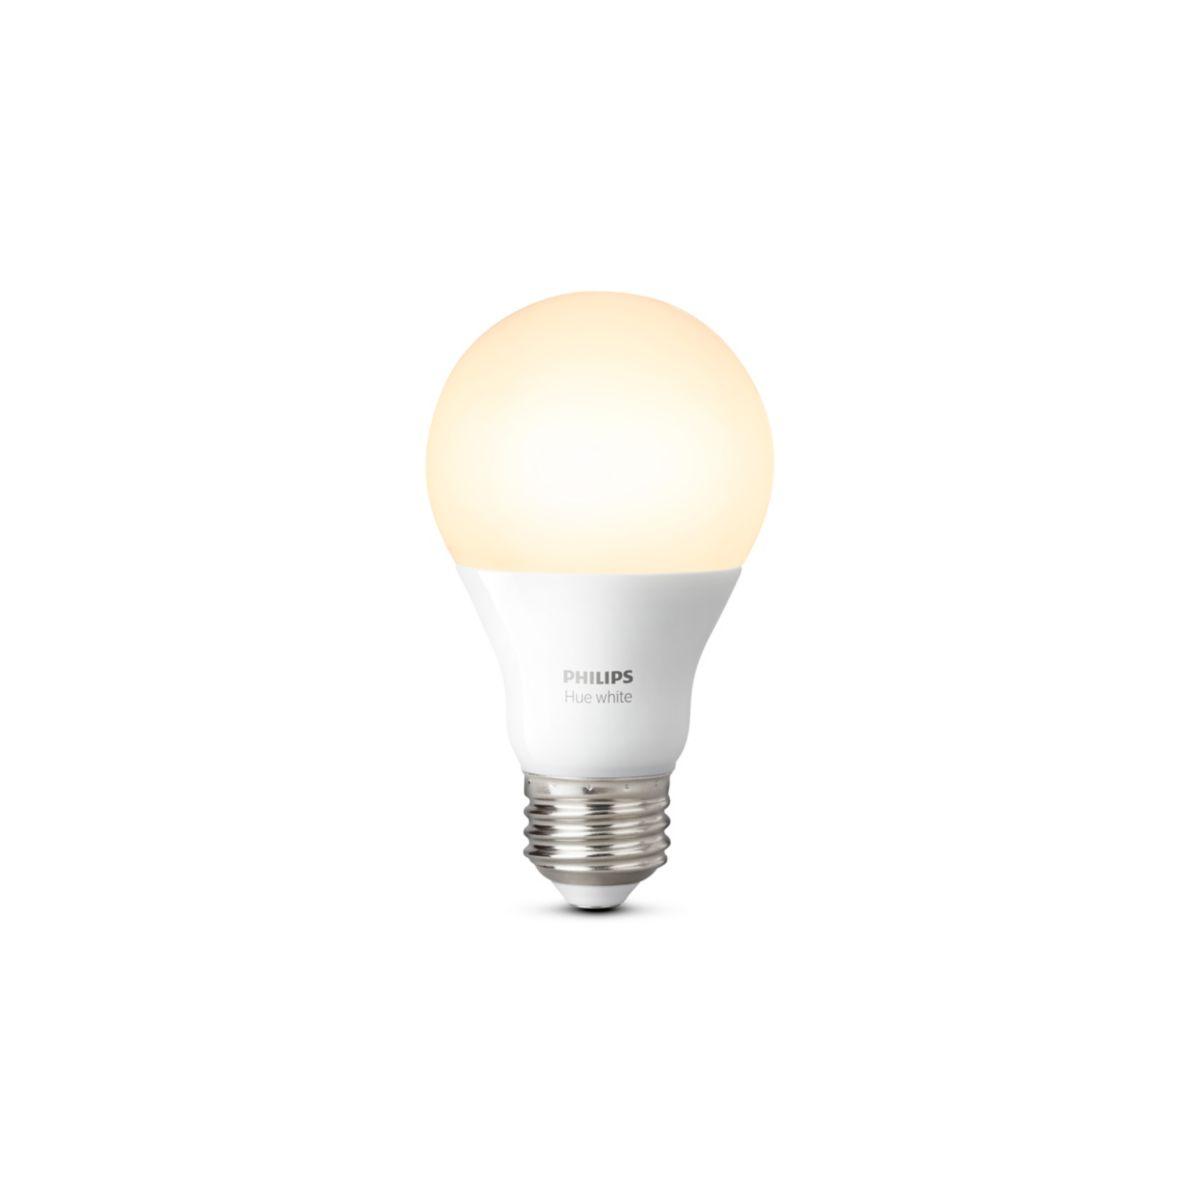 Hue White Single Bulb E27 8718696554951 Philips